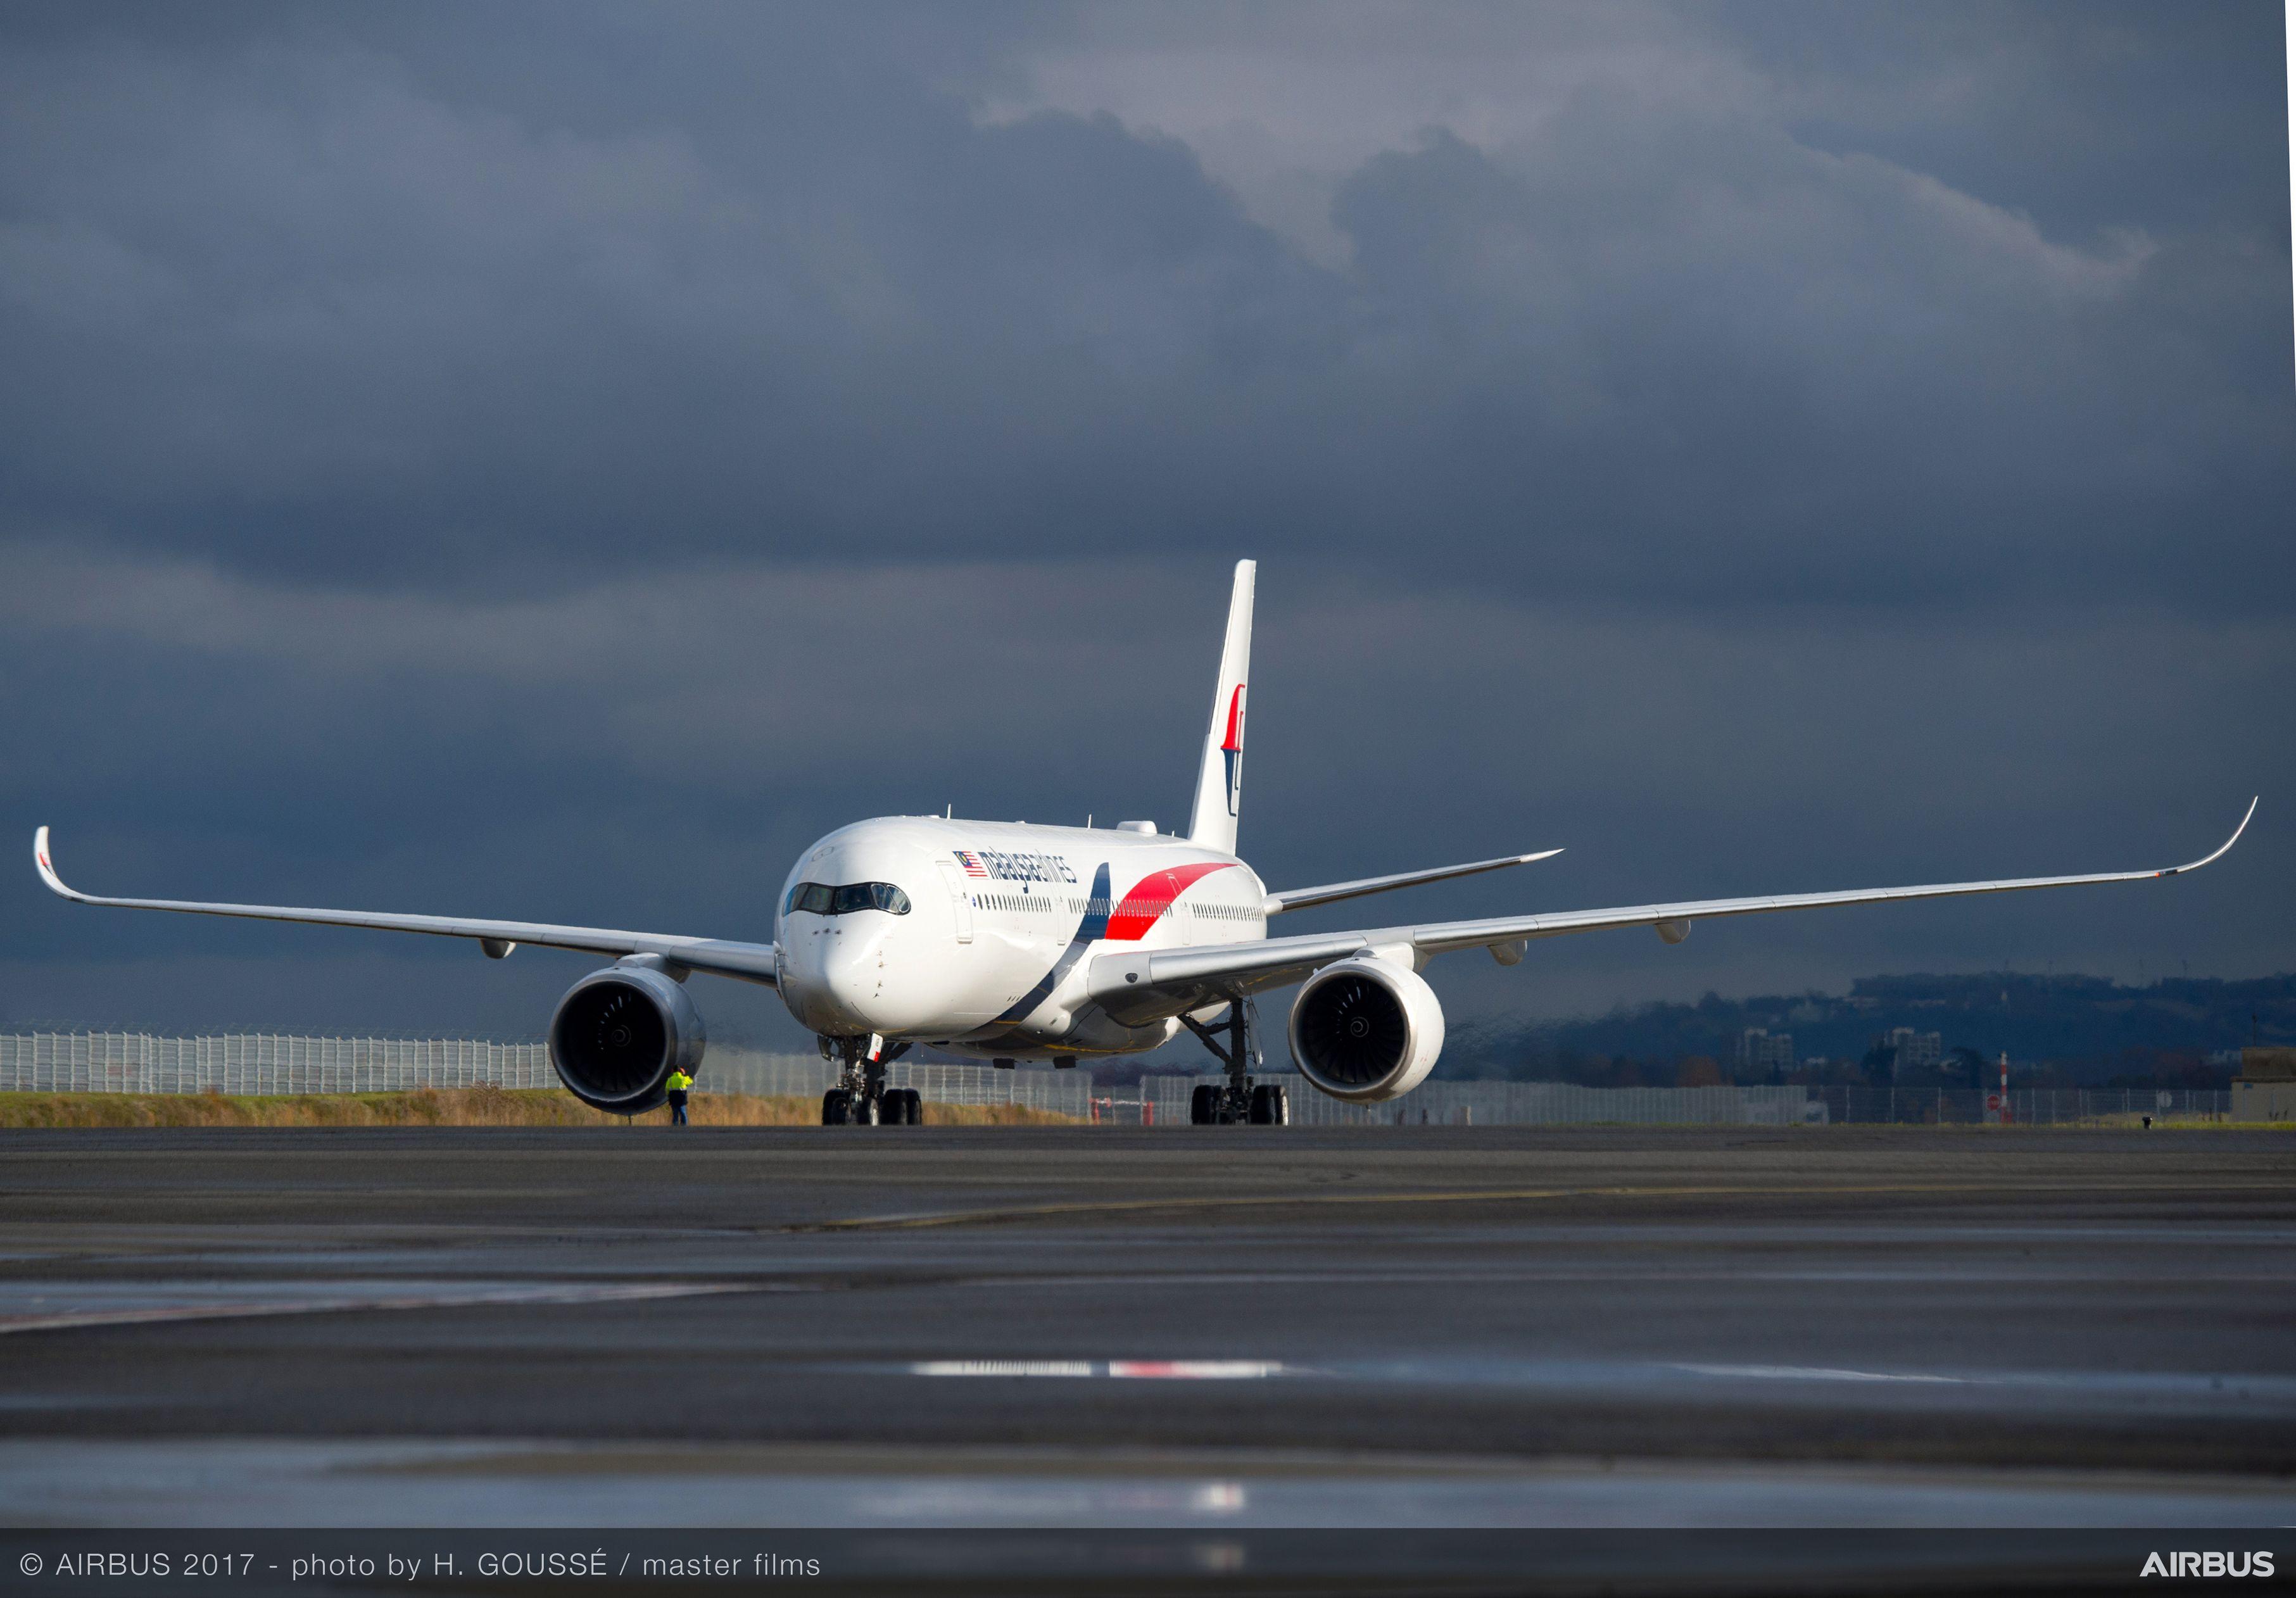 エミレーツ航空、ドバイ/カブール線の運航を再開 就航地は30都市に